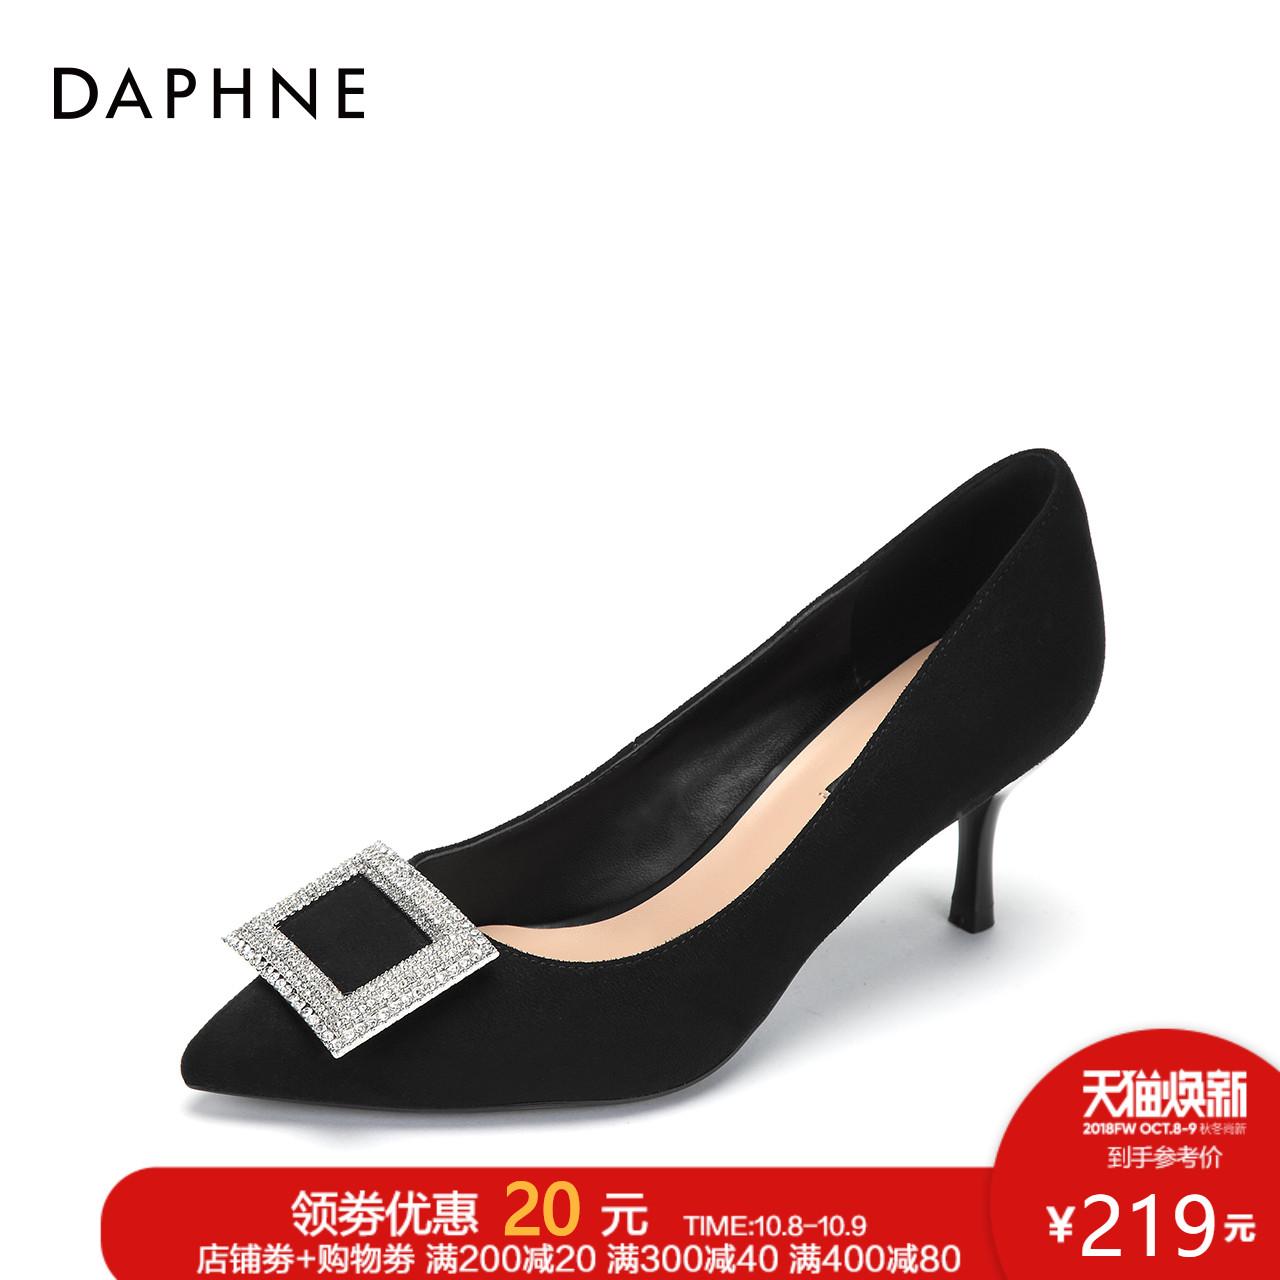 Daphne-达芙妮2018秋新款浅口尖头婚宴高跟鞋时尚方扣钻饰单鞋女